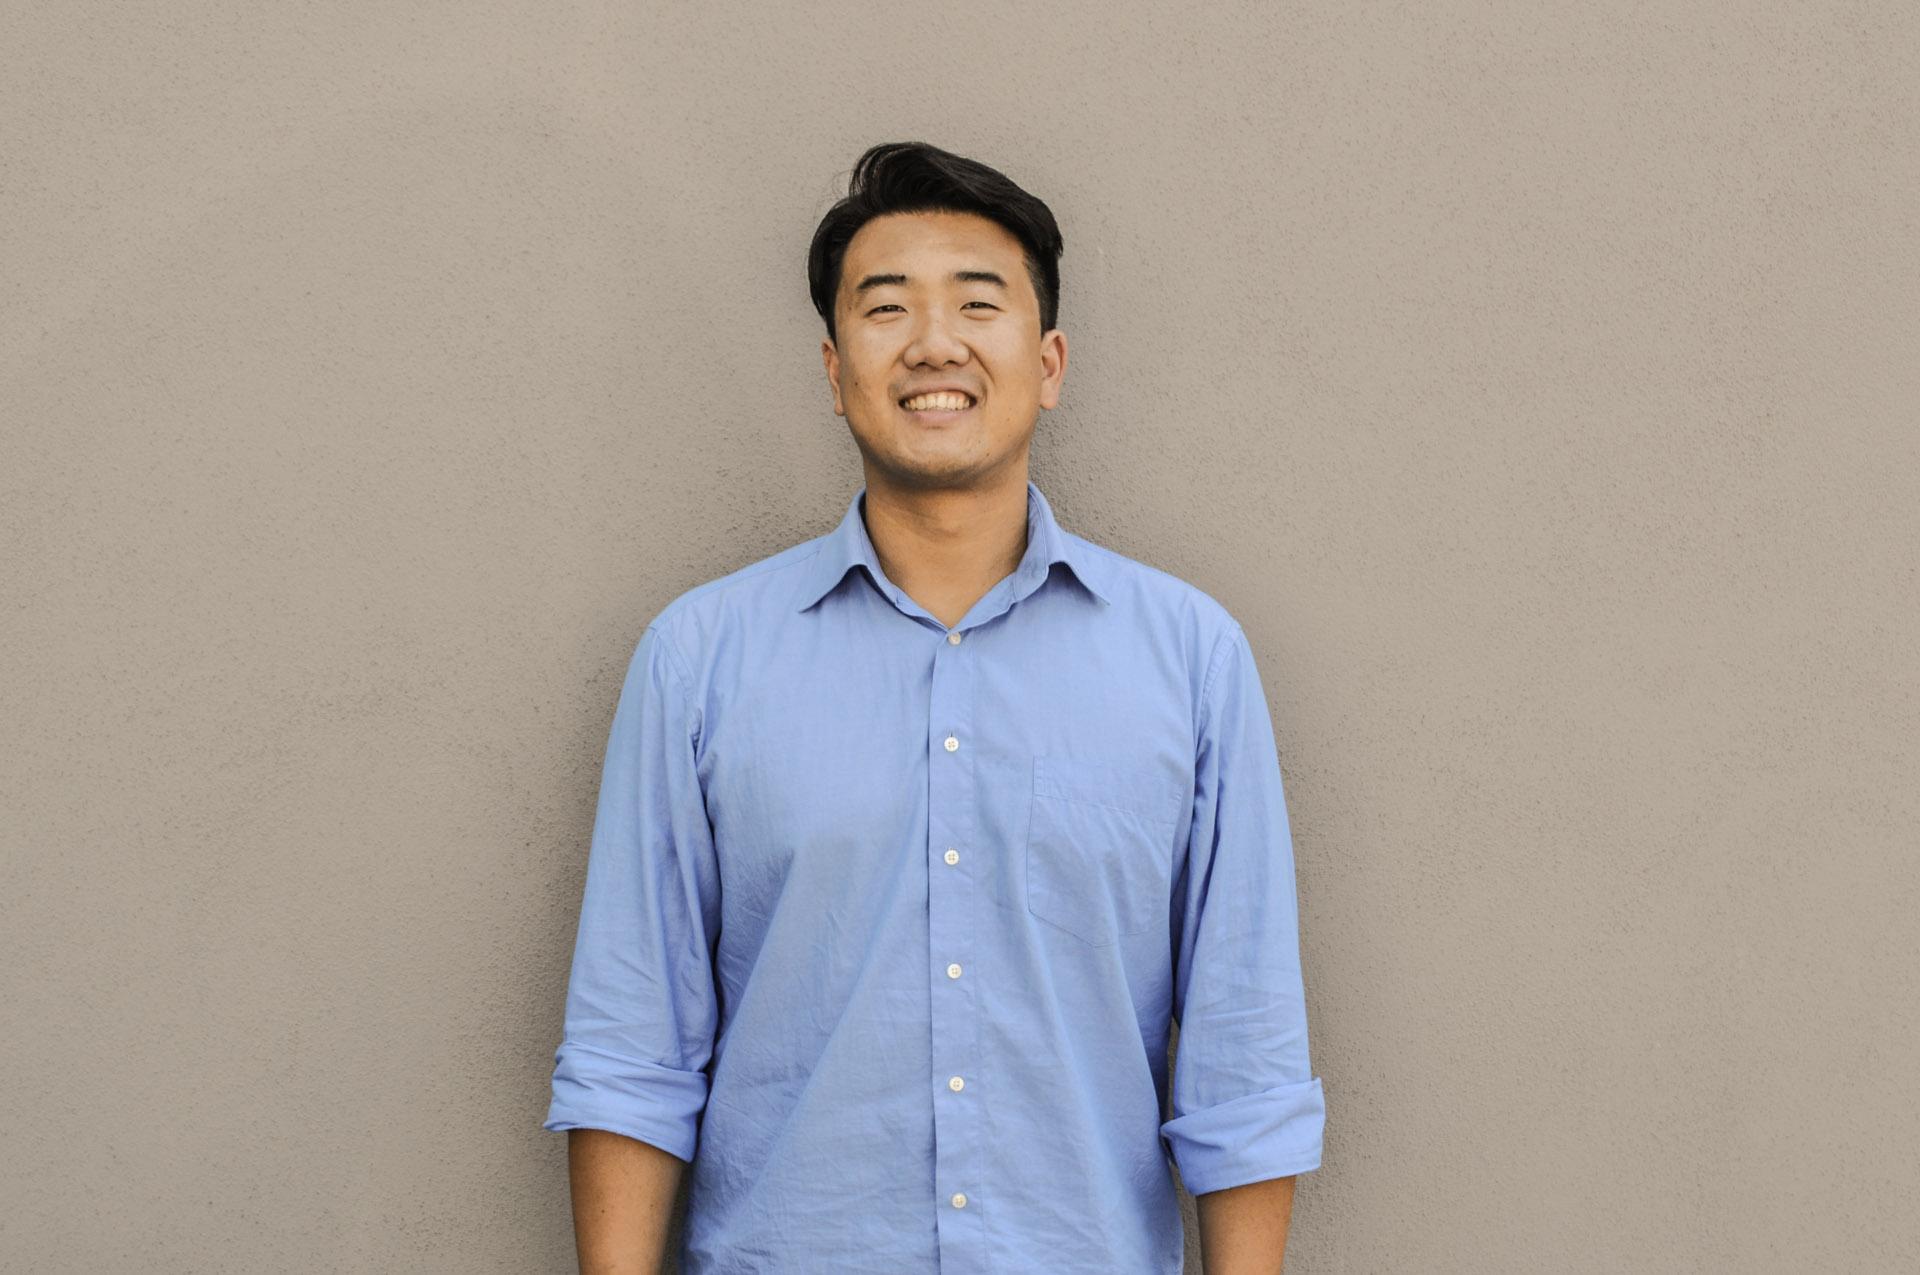 Zhengliang Wu